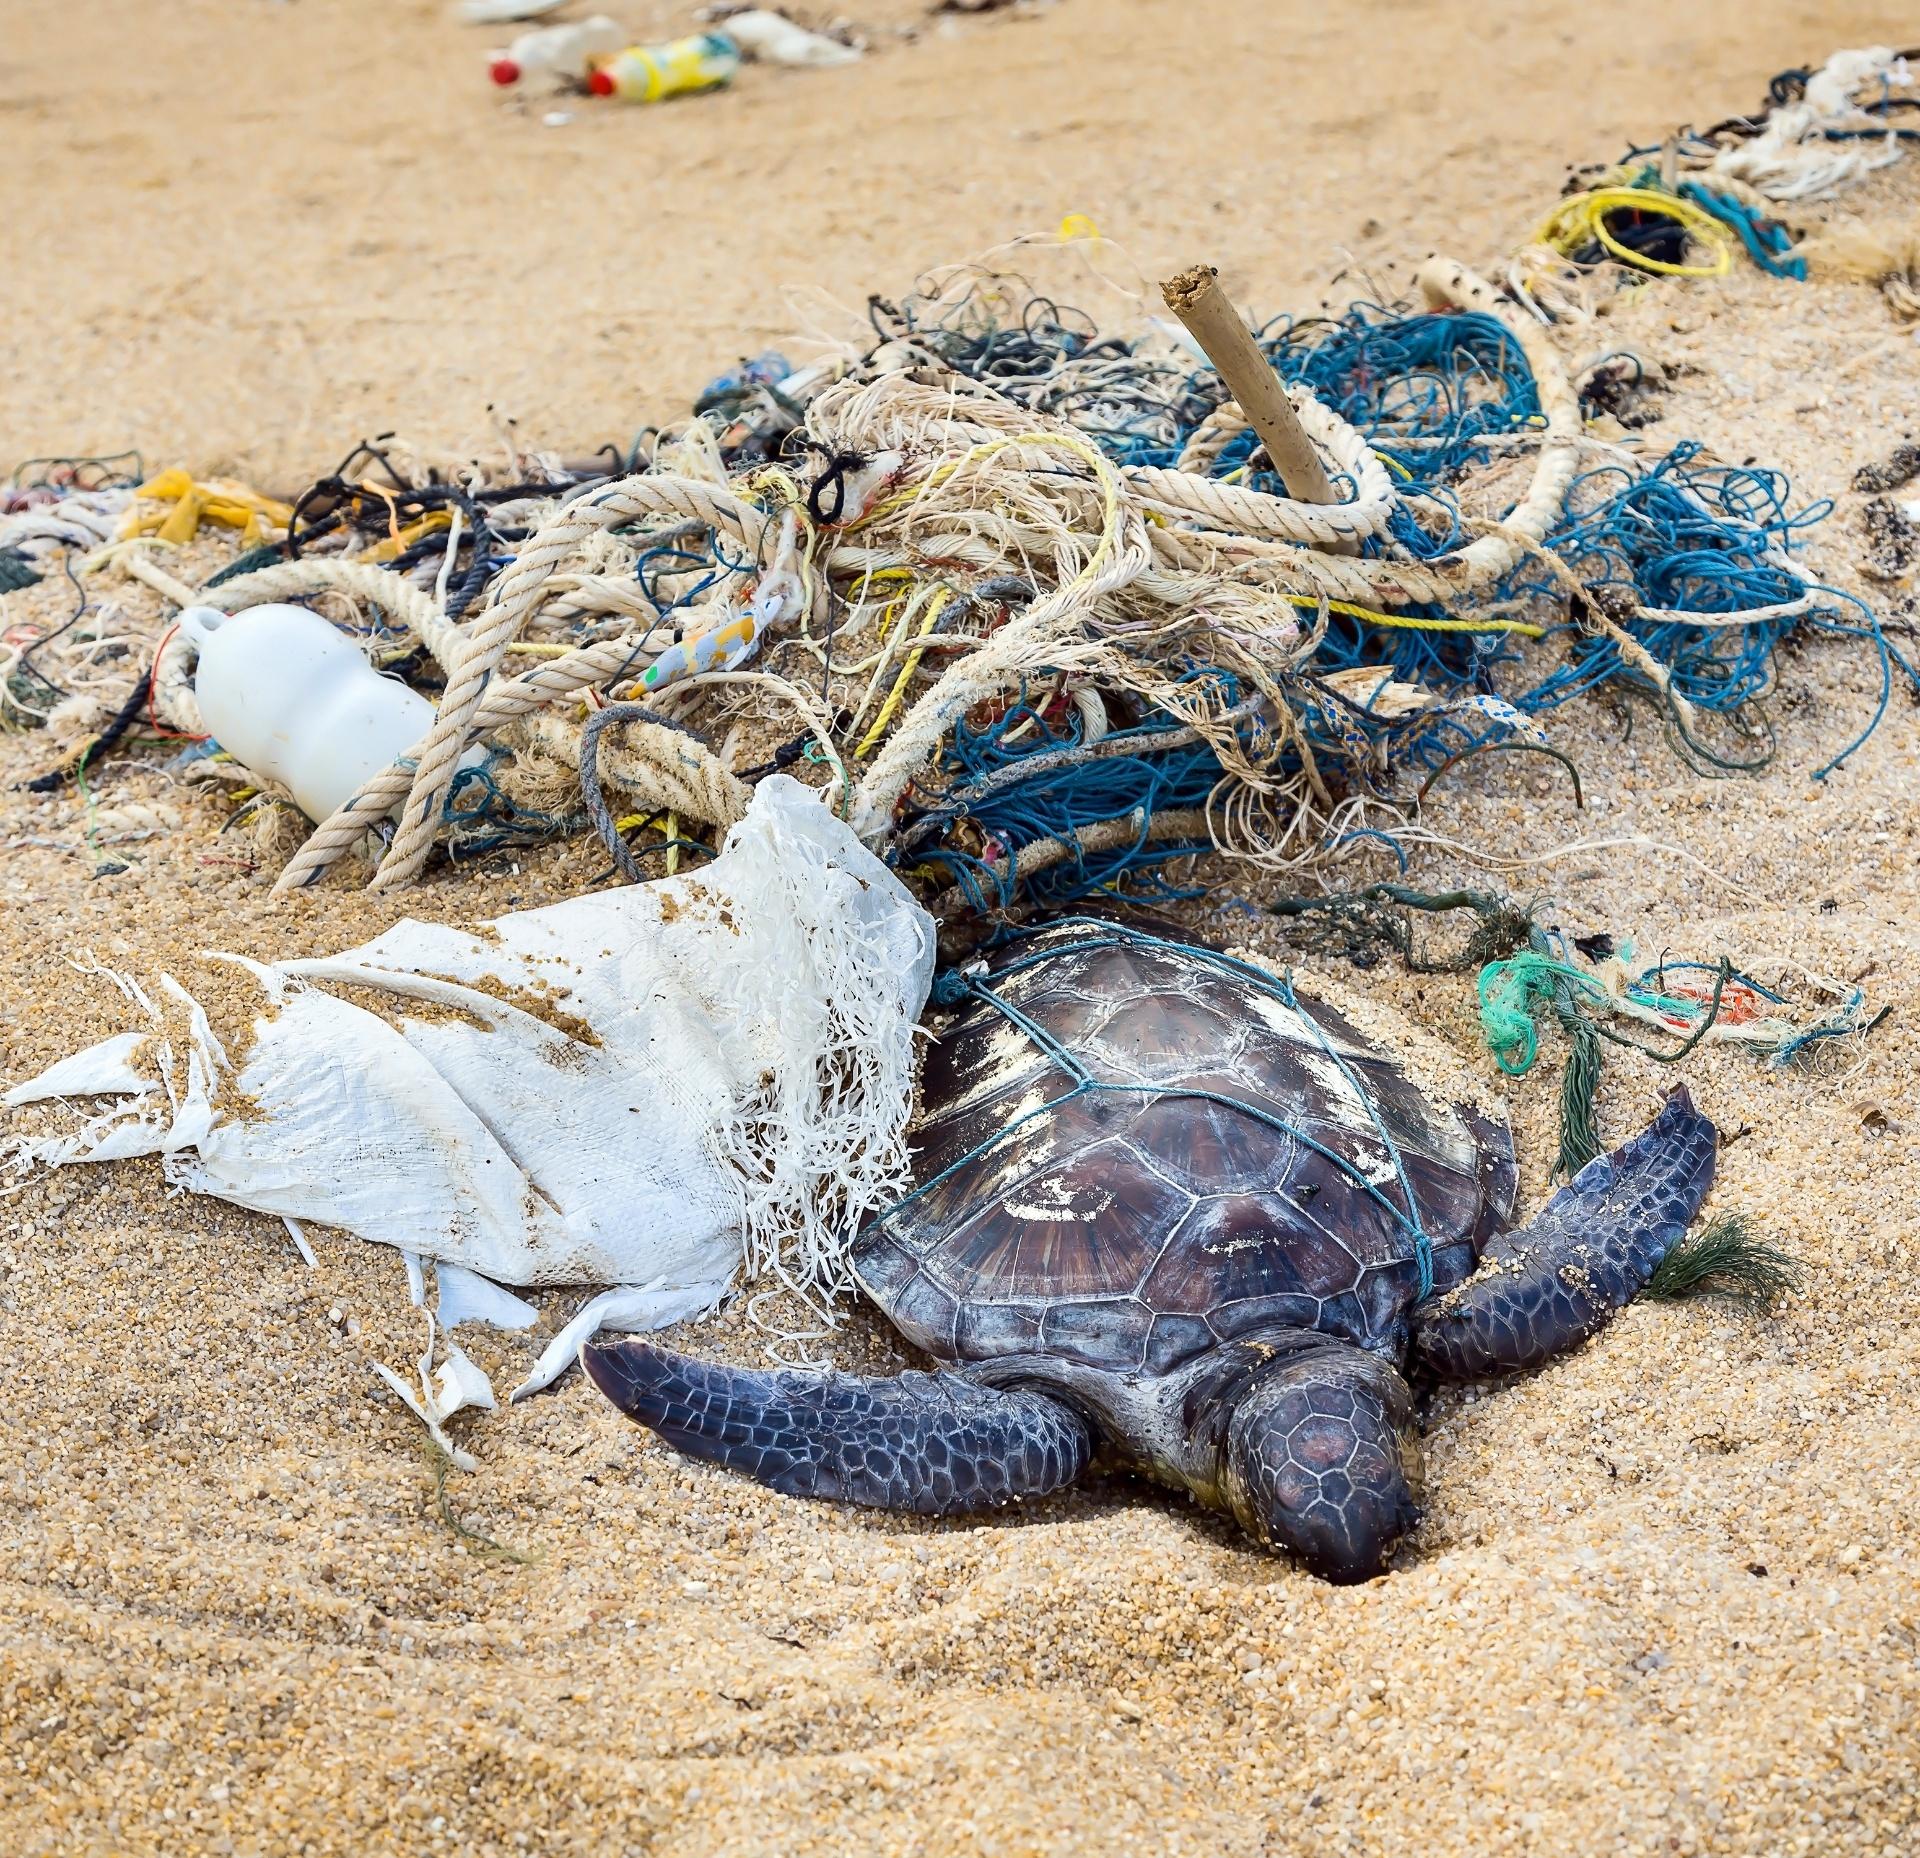 29.set.2016 - Pedaços grandes de plástico como redes de pescar são perigosos e estrangulam animais. Mas por ser pequeno, o microplástico pode ser engolido por um número muito maior de bichos